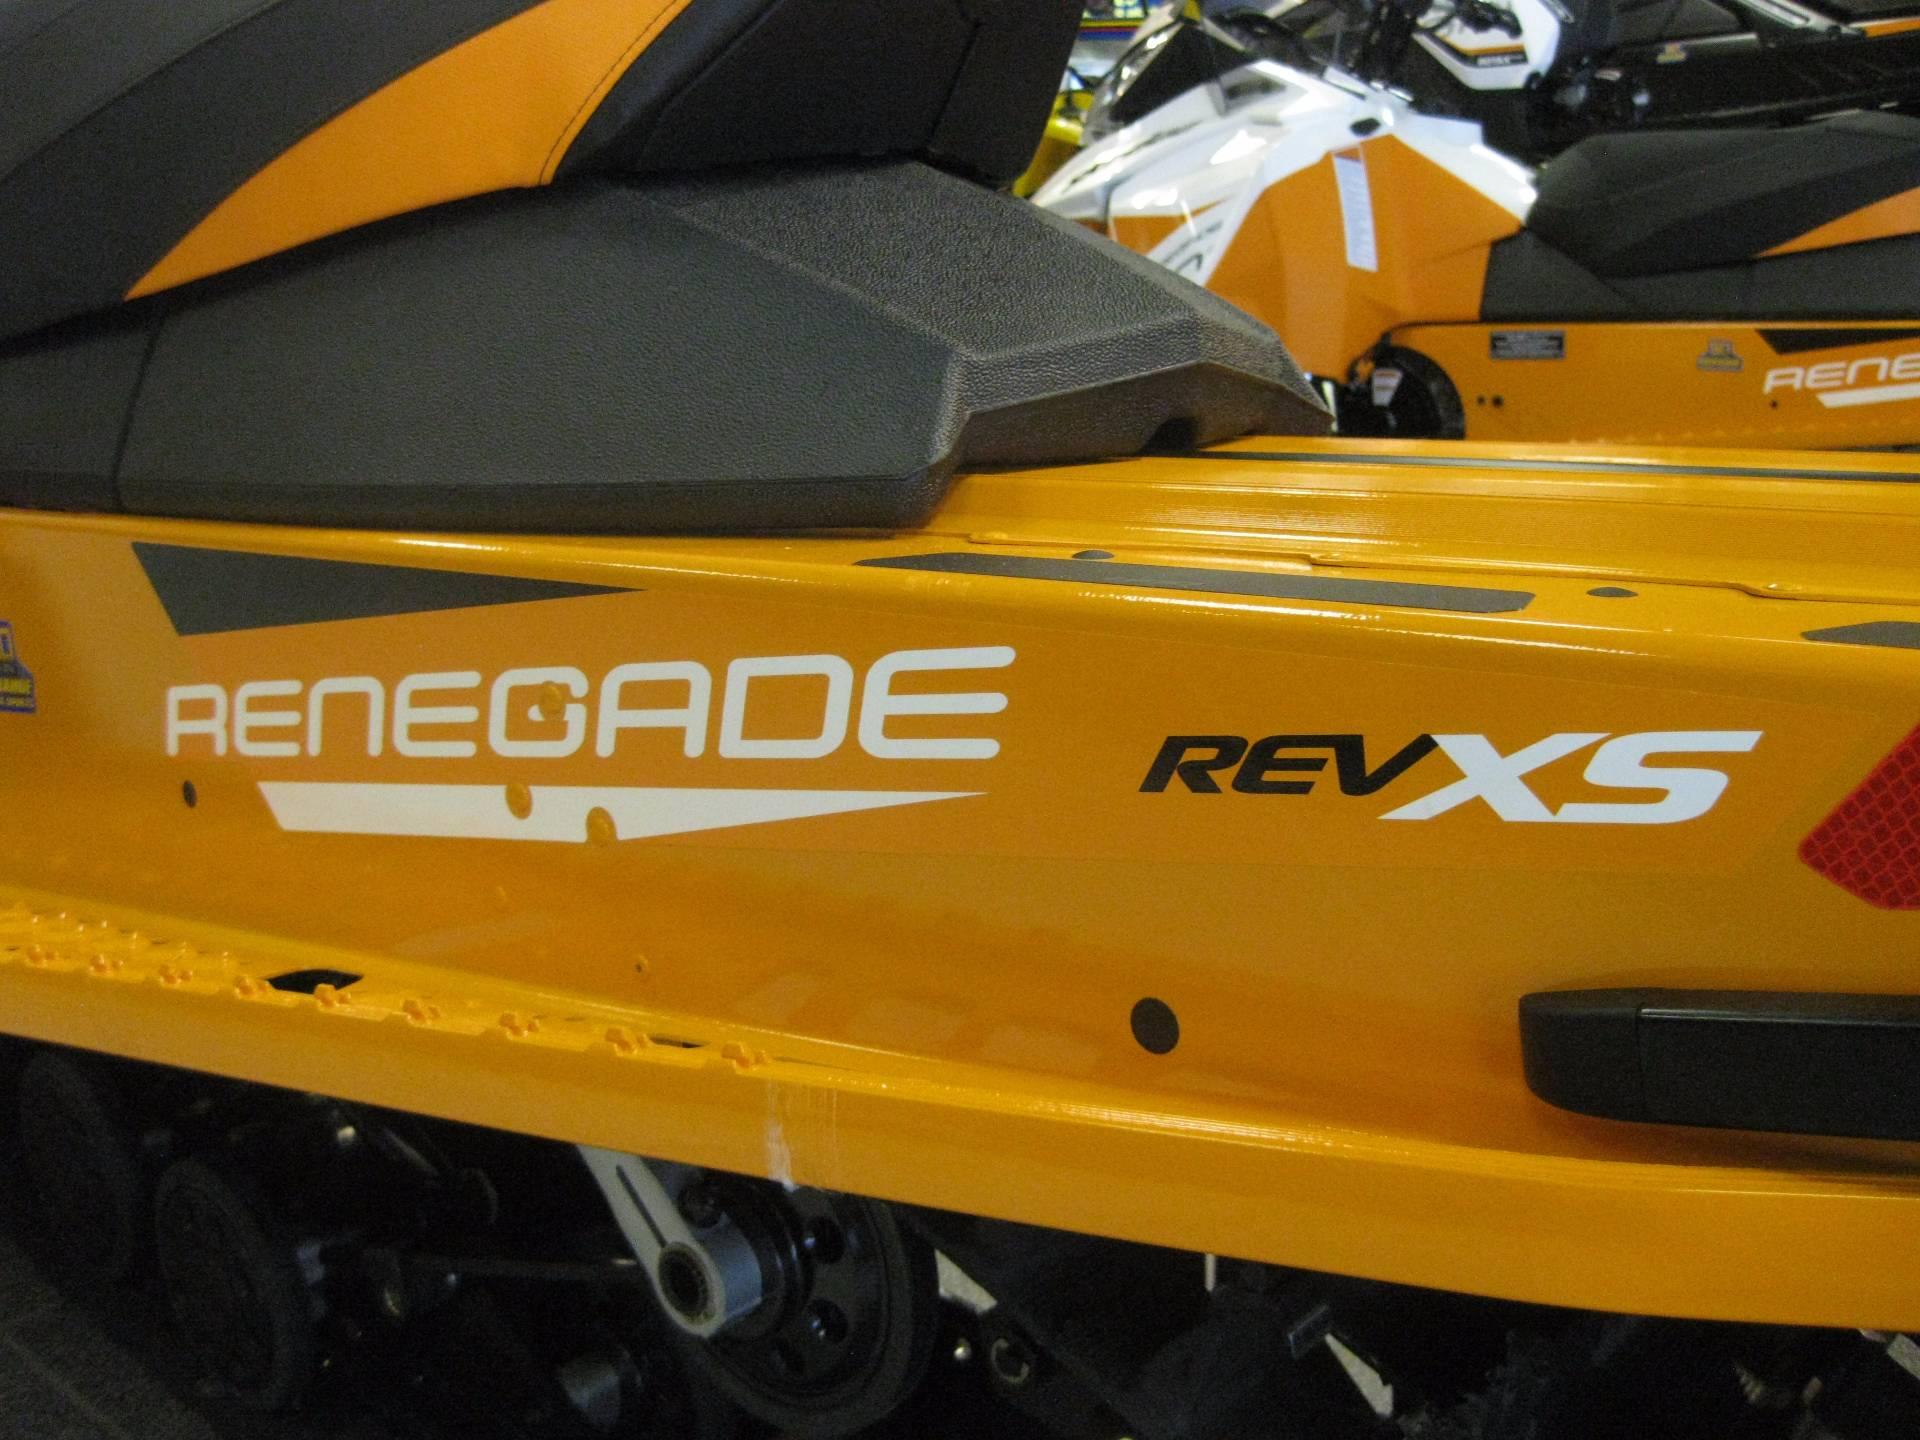 2017 Ski-Doo Renegade Adrenaline 600ETEC in Wisconsin Rapids, Wisconsin